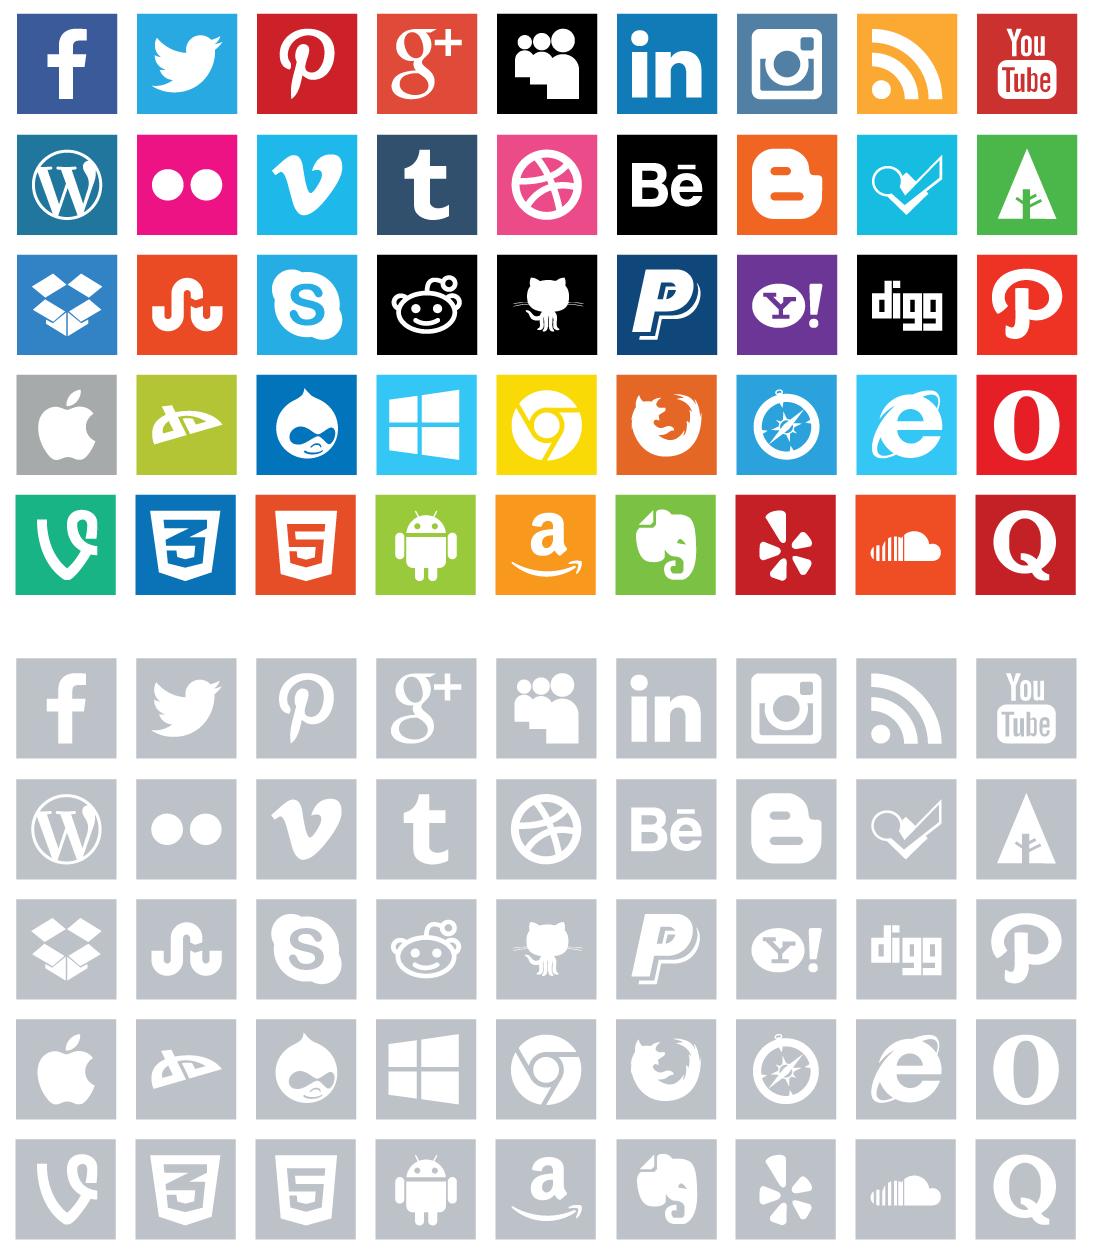 15 Packs de iconos para añadir redes sociales en tu web.